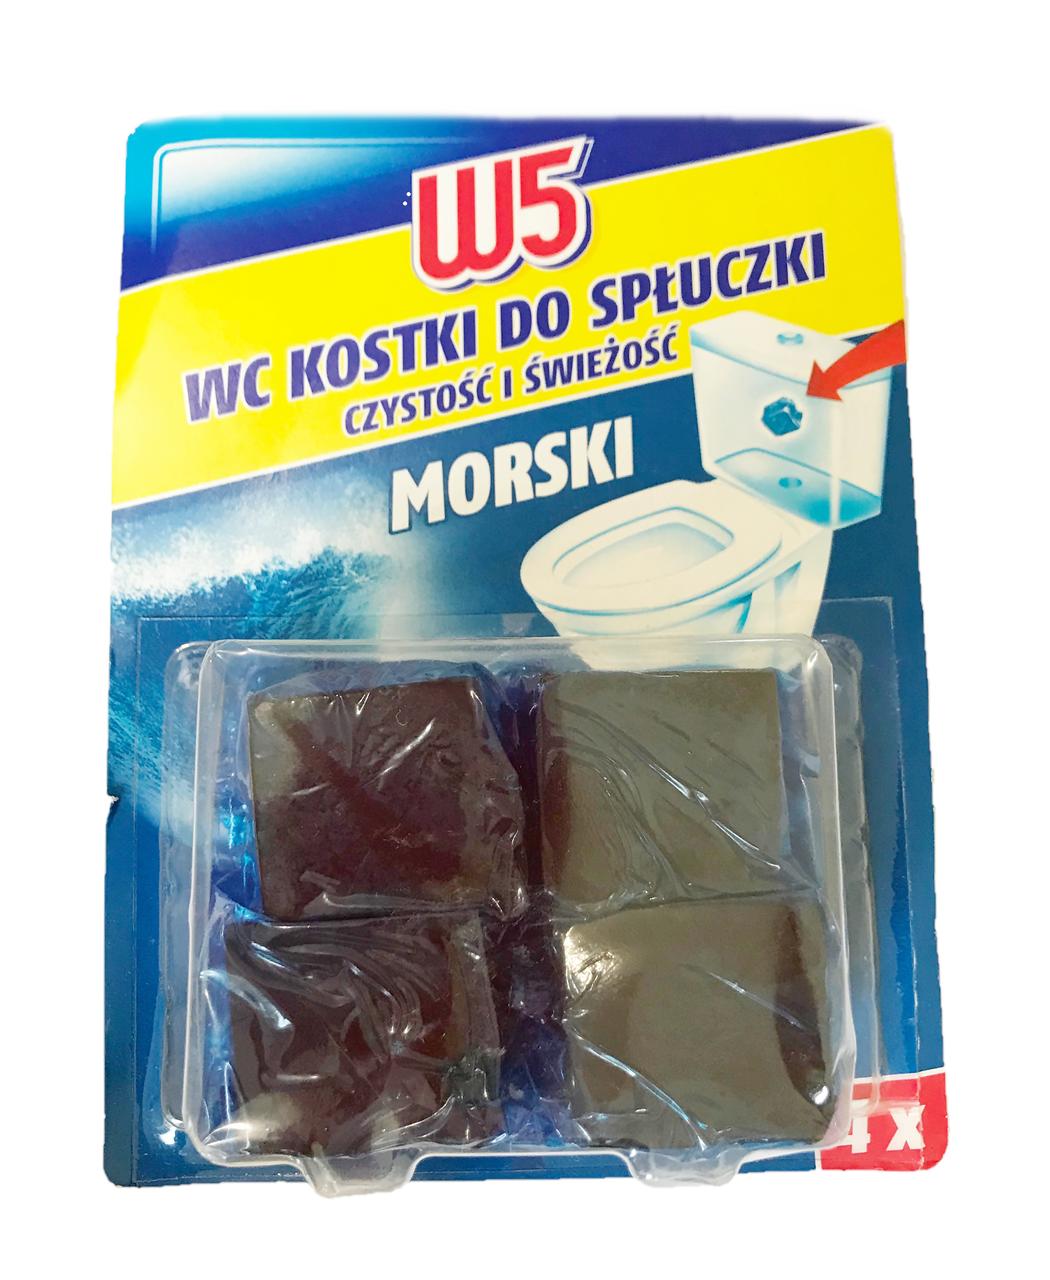 Таблетка для зливного бачка W5 Morski 200g (4х50 g)